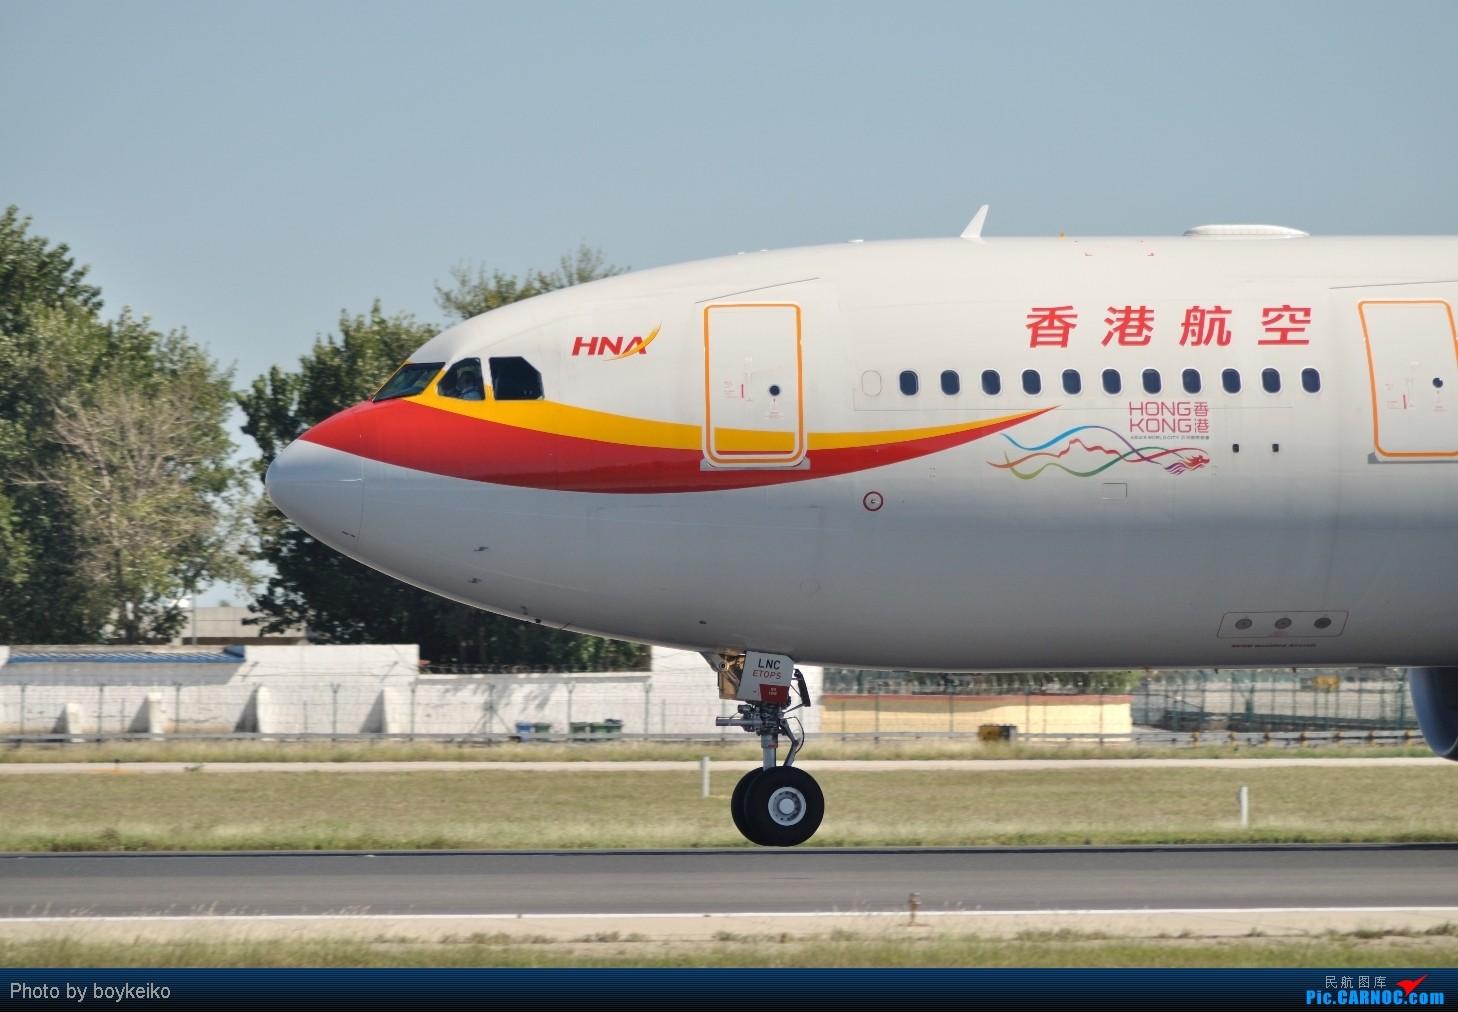 [原创]B-LNC 香港航空A330-200 几张起飞大头